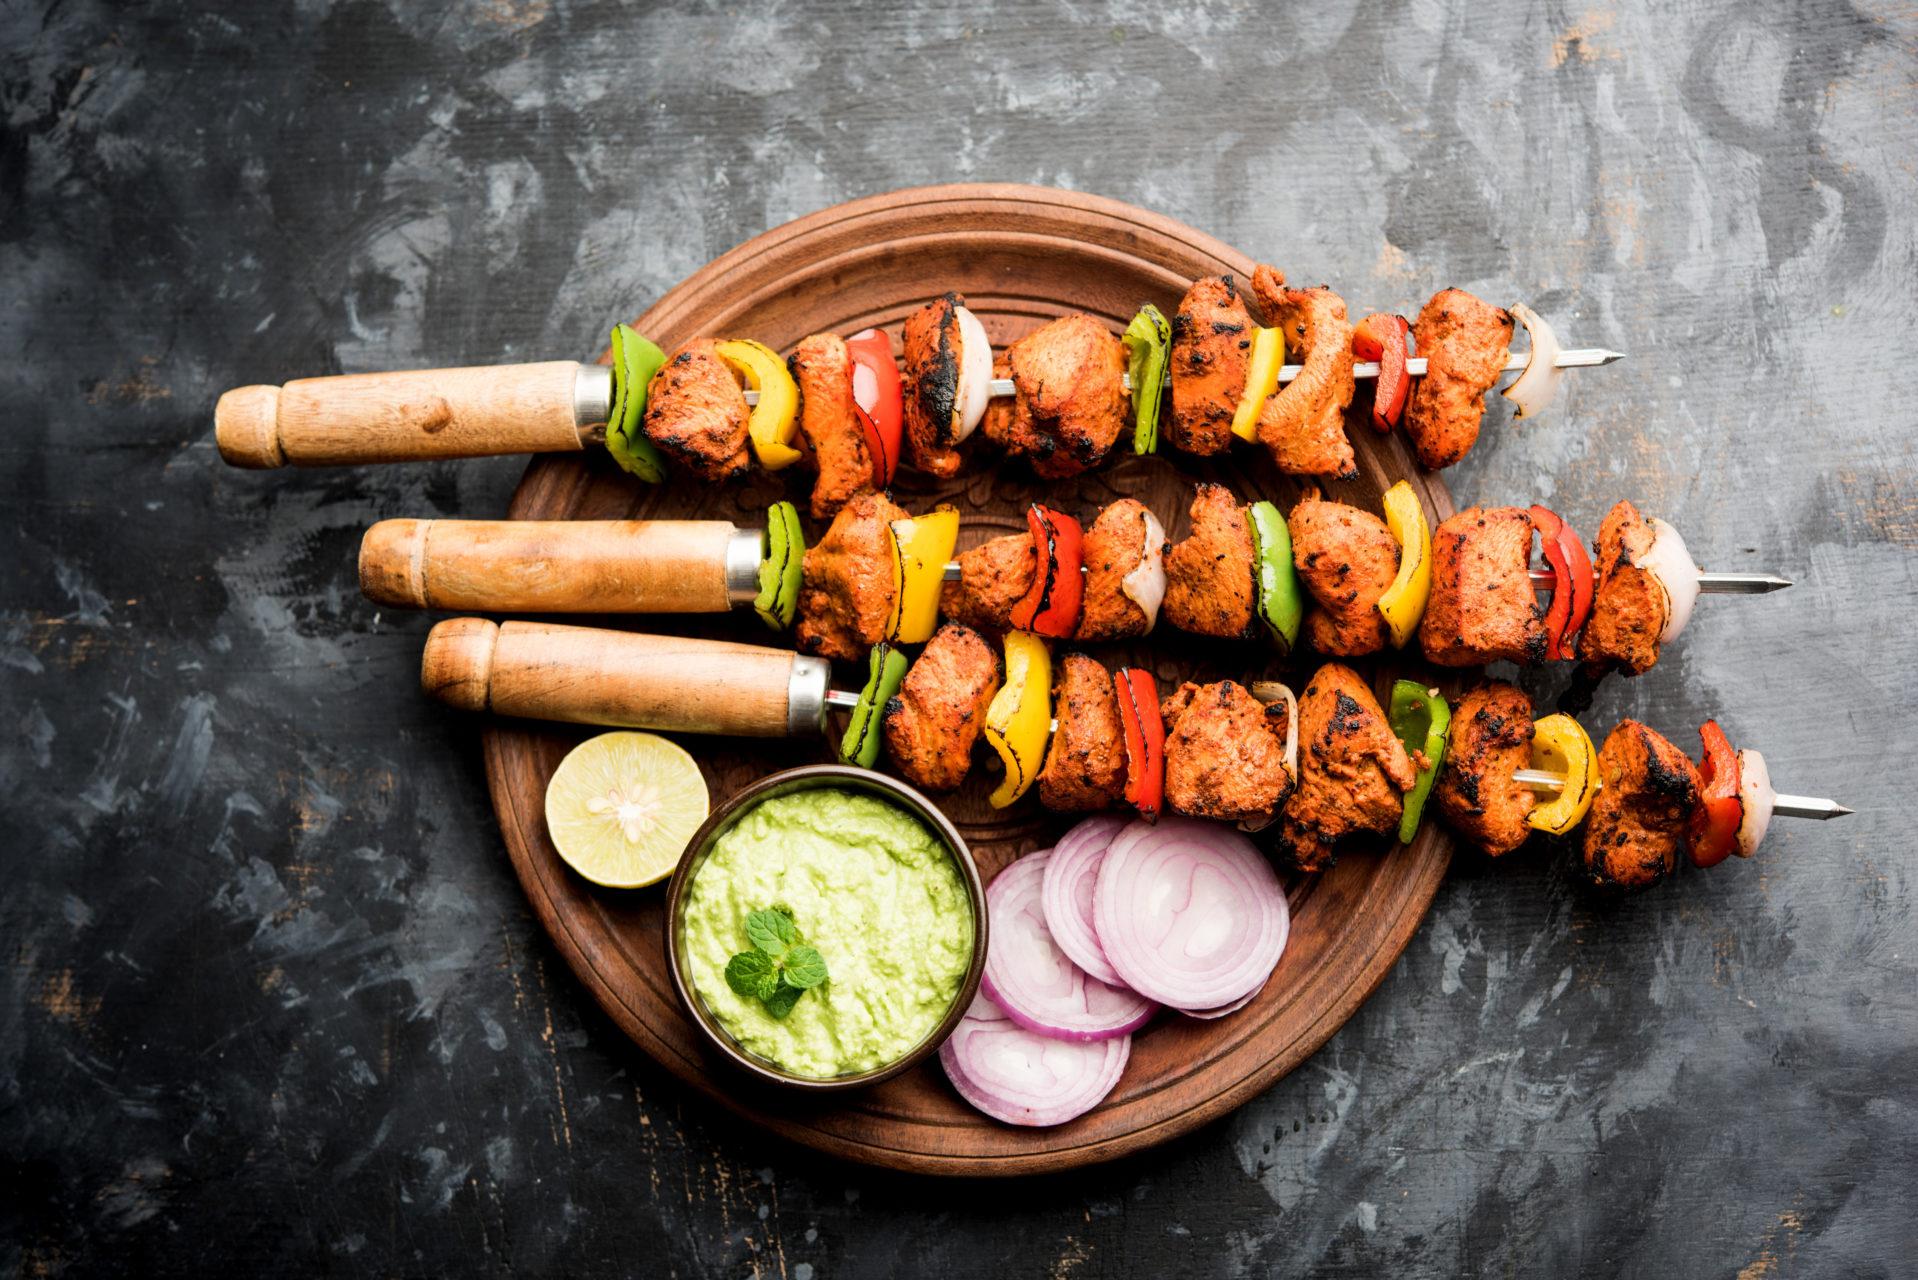 Brochettes marinade tandoori à griller au barbecue